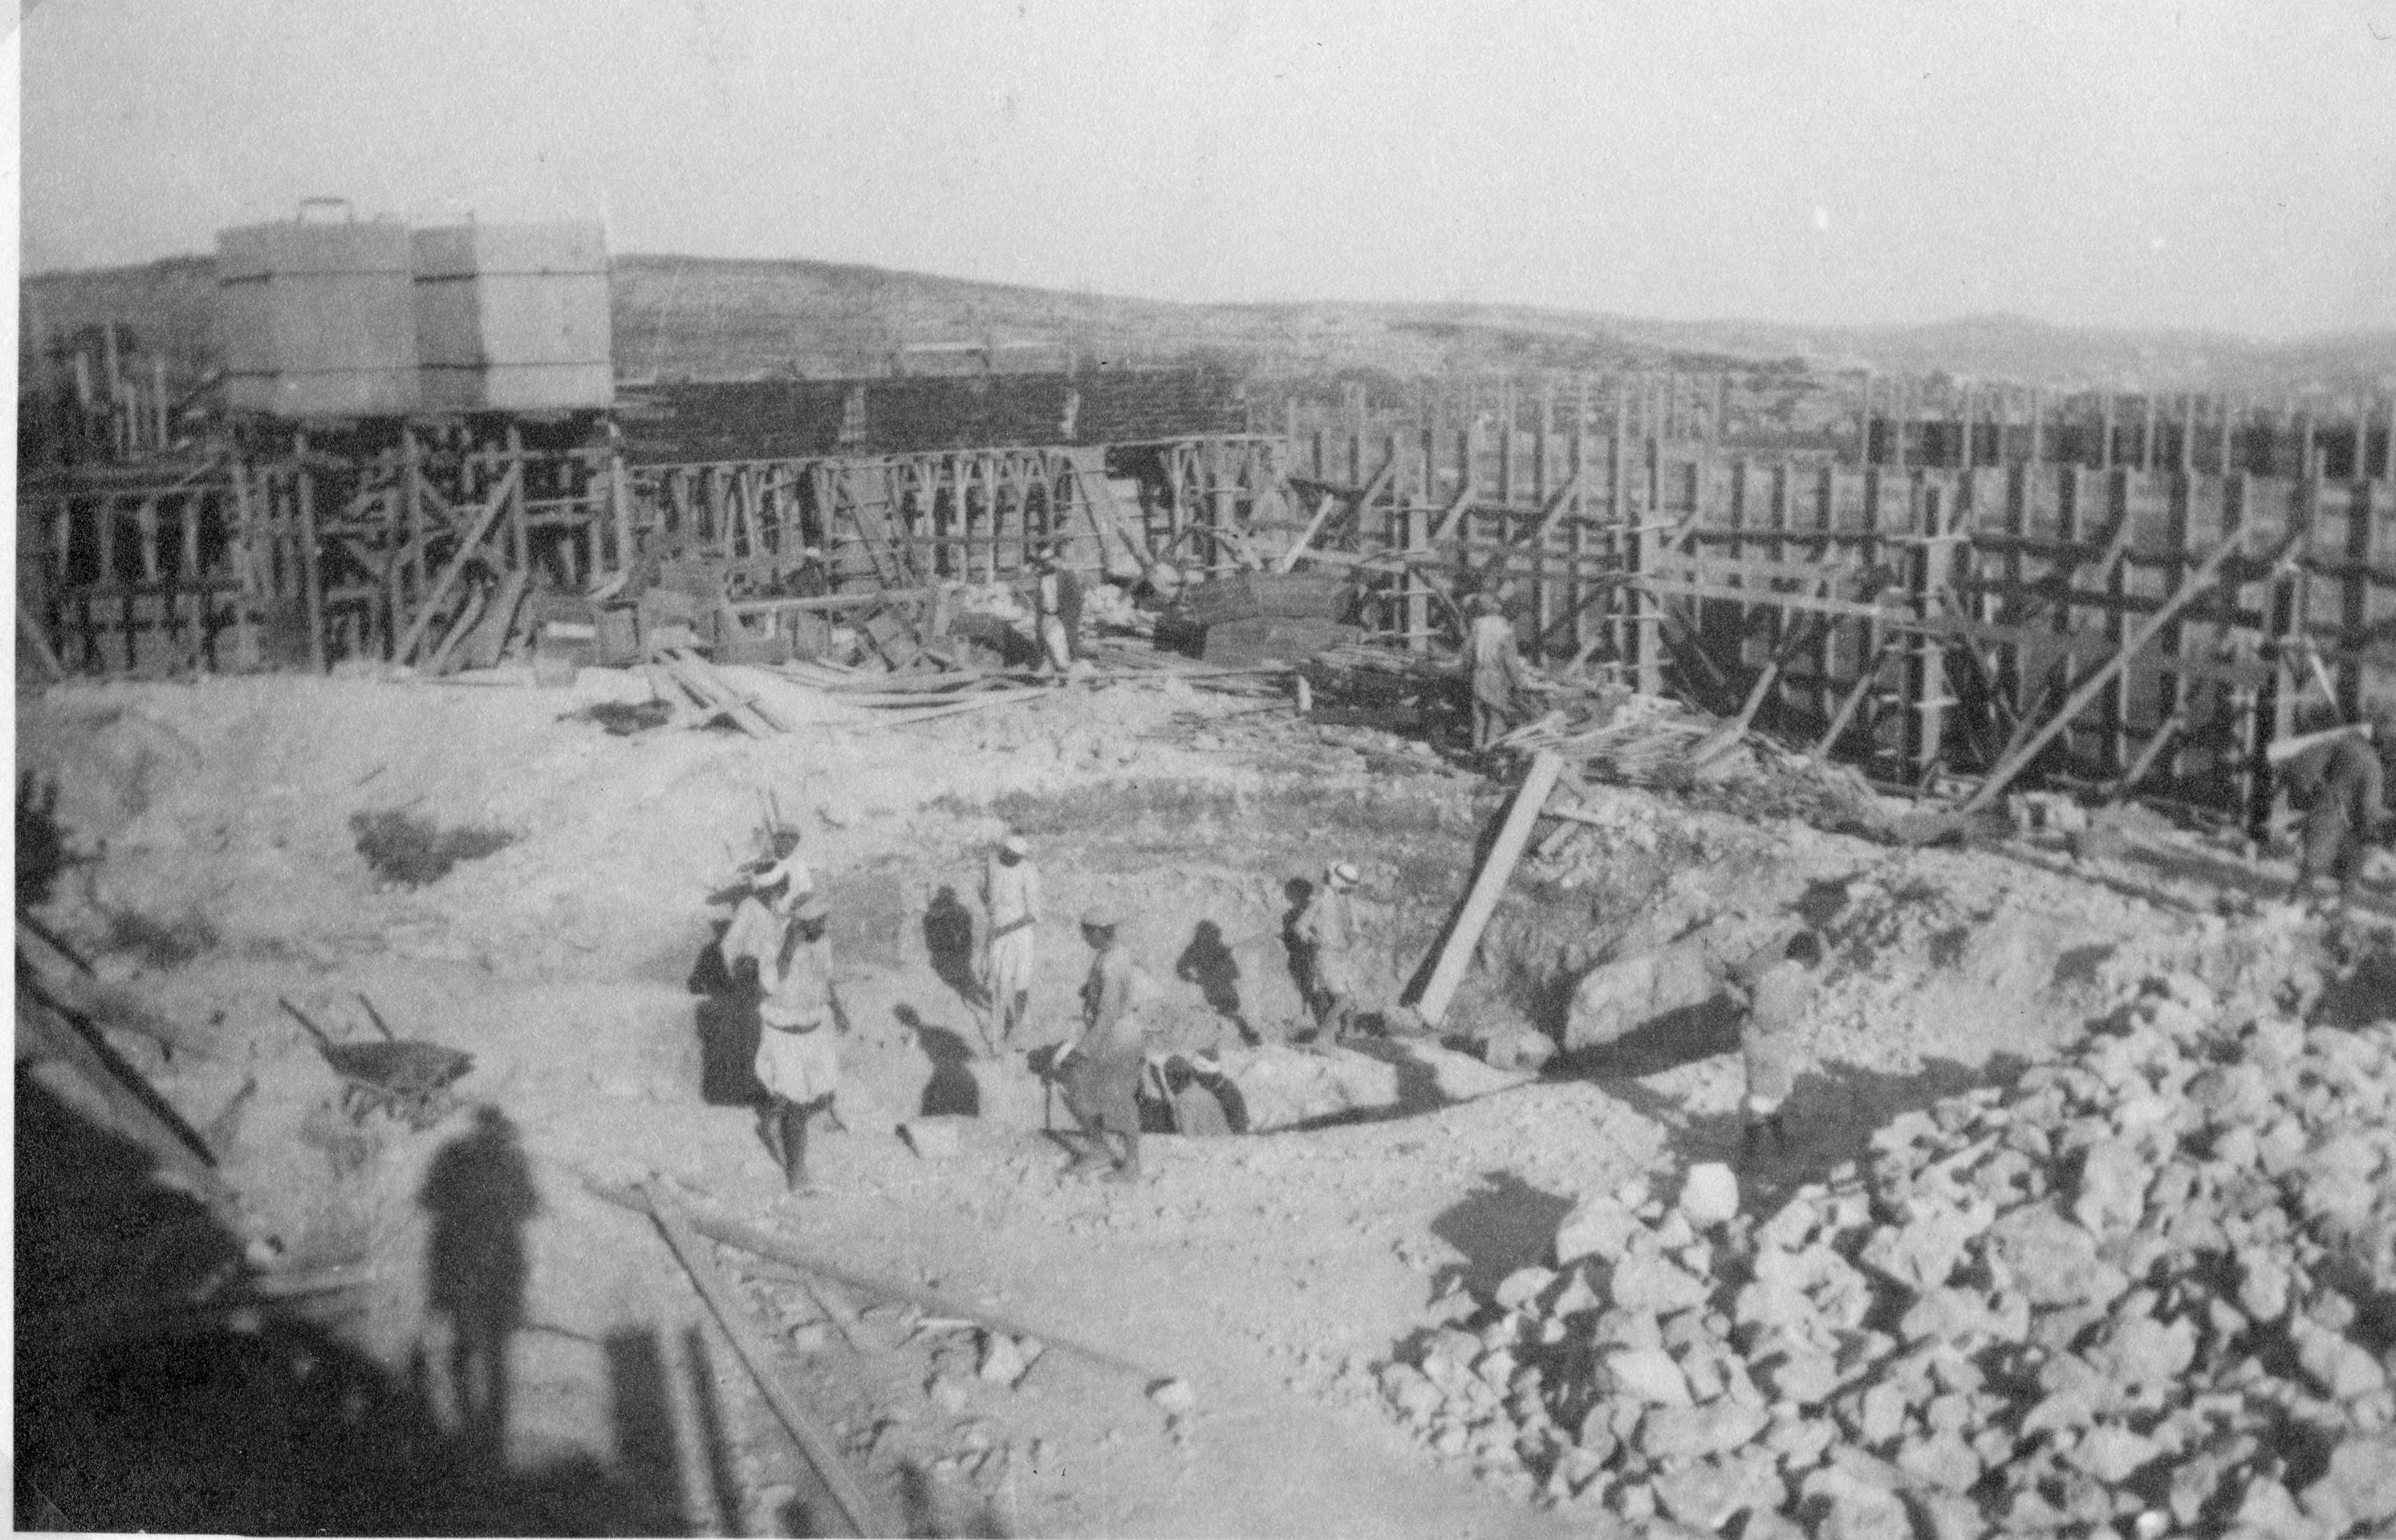 בניית יסודות תחנת המשטרה בחברון - מצודת טיגארט - מקור: ארכיון המדינה